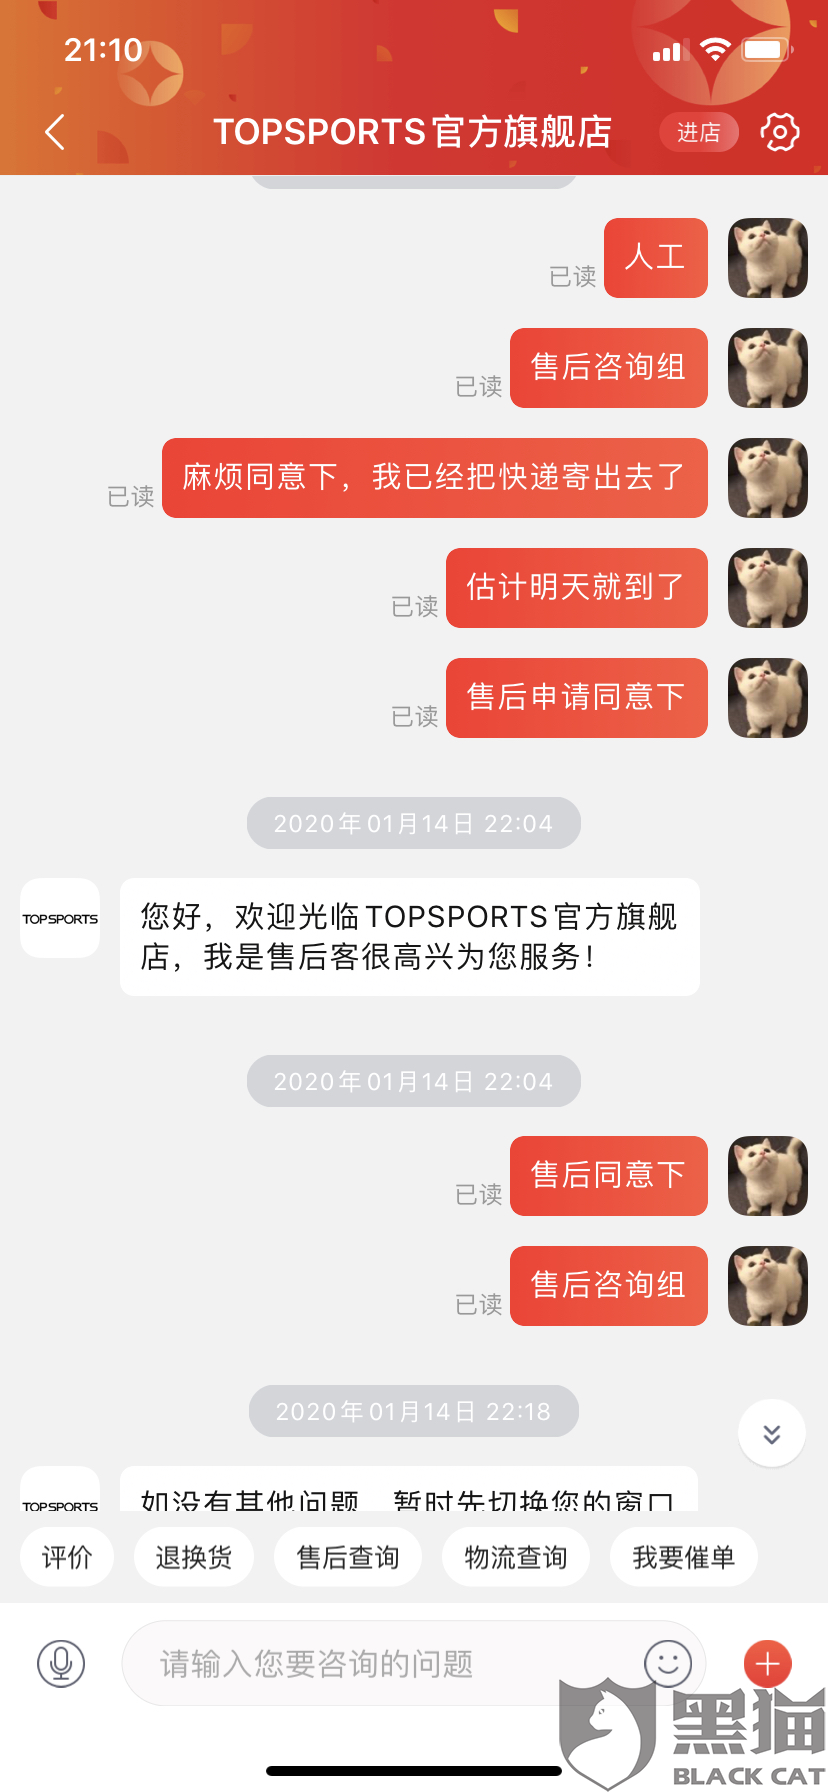 黑猫投诉:京东topsports店铺发错货,不及时同意换货导致商品无库存,后又不承认发错货